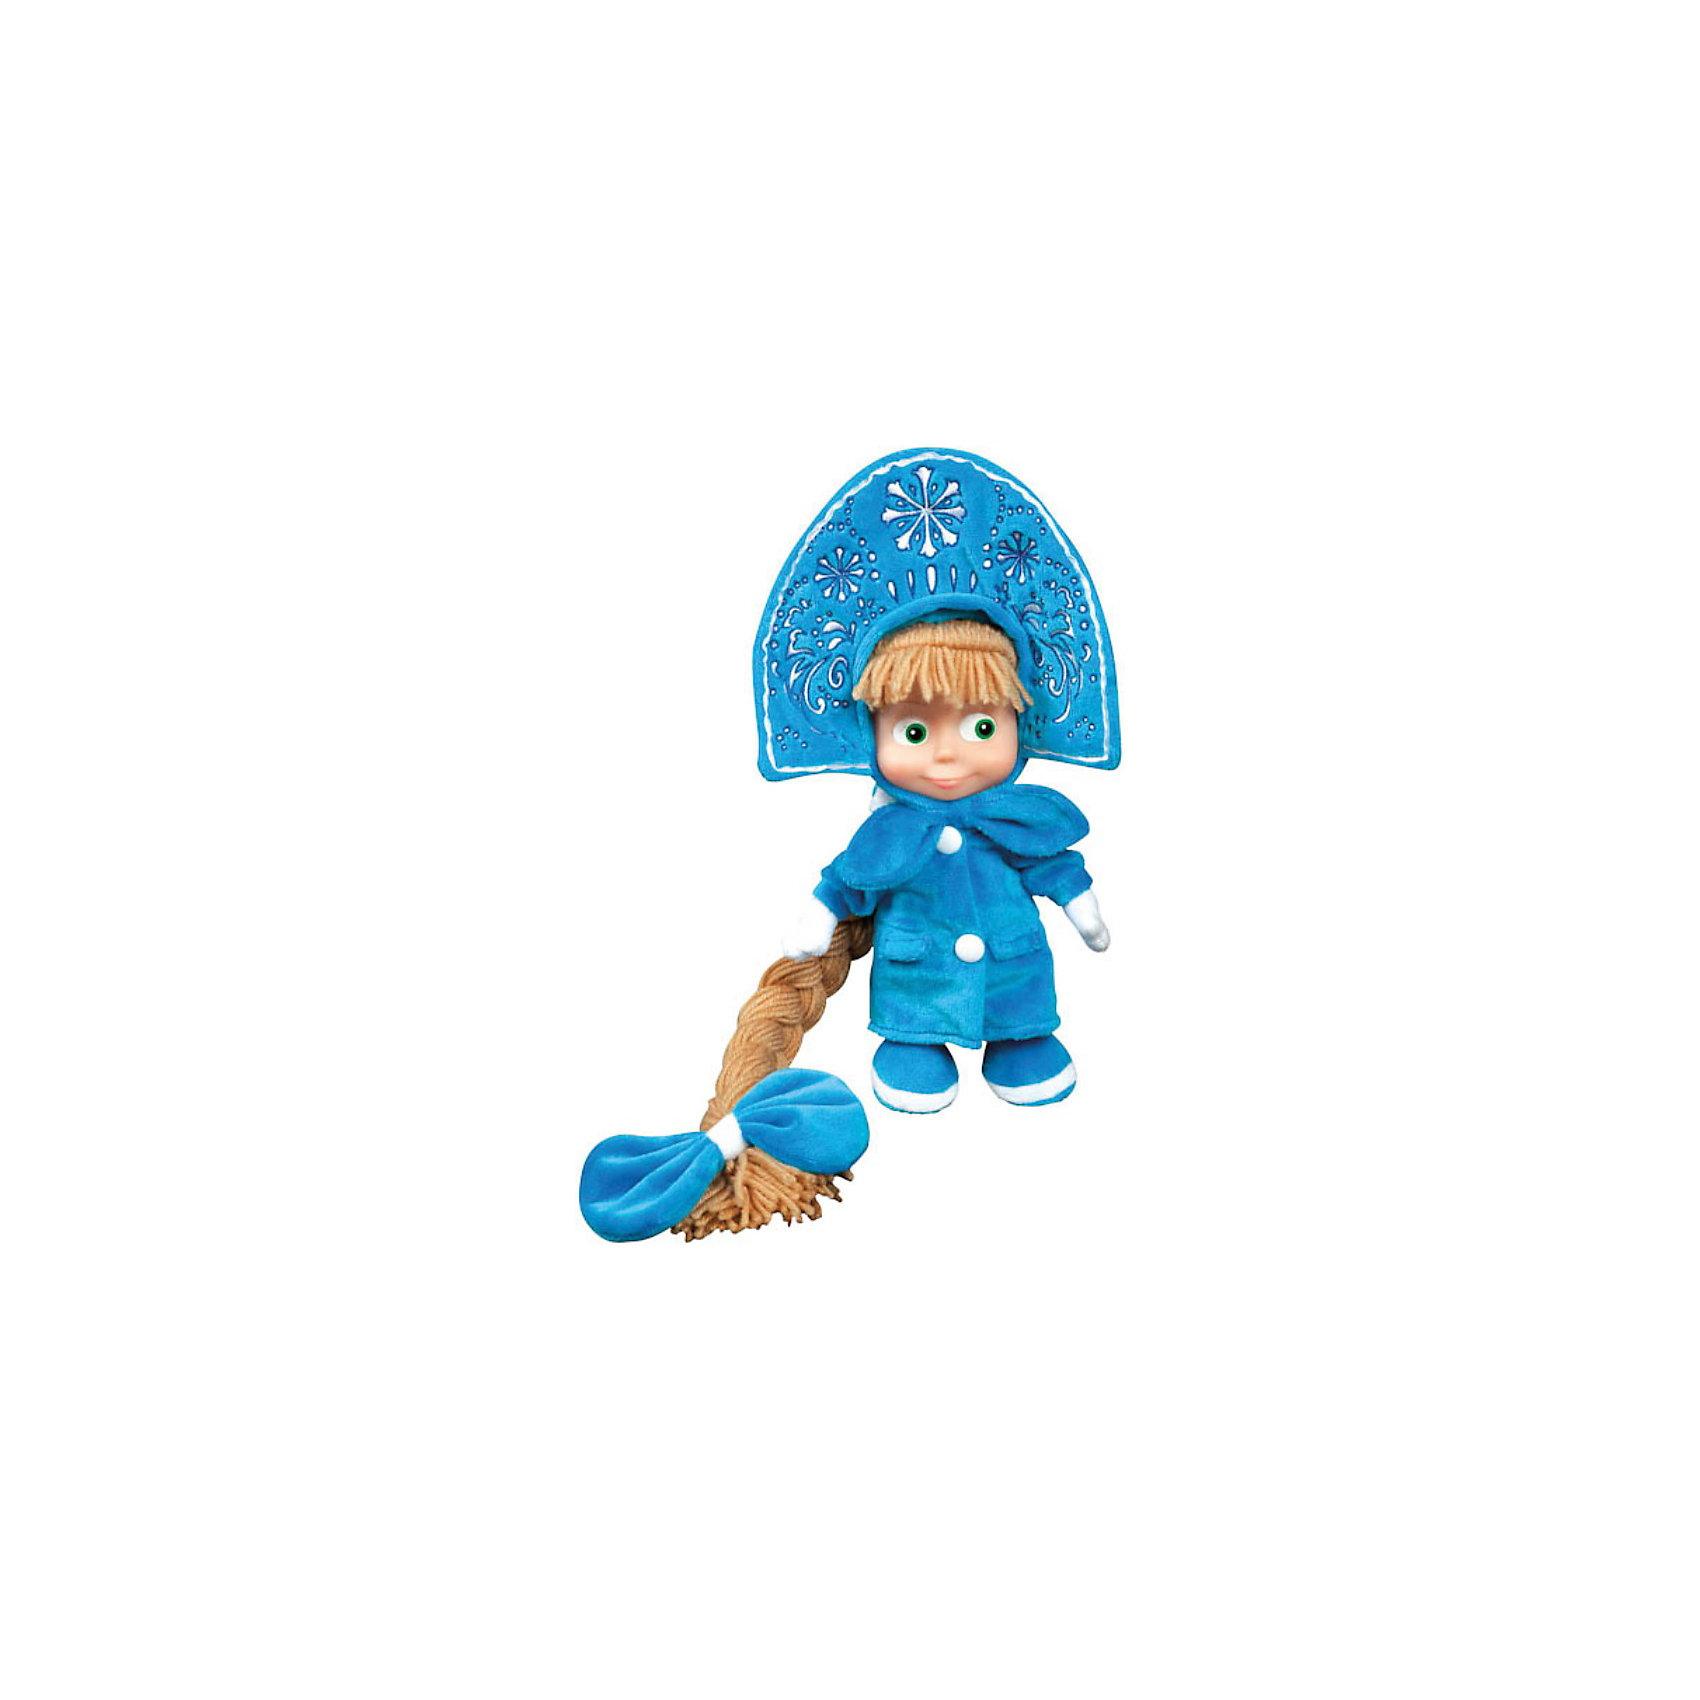 Мягкая игрушка Маша-Снегурочка, Маша и медведь, МУЛЬТИ-ПУЛЬТИЛюбимые герои<br>Мягкая игрушка Маша-Снегурочка, Маша и медведь, МУЛЬТИ-ПУЛЬТИ – это прекрасным подарок на любой другой праздник.<br>Забавная Маша из мультфильма Маша и Медведь в образе Снегурочки. На Маше надета голубая шубка, варежки в тон и шикарная корона. Завершает новогодний образ Снегурочки длинная коса. Маша с радостью споет песенку (голосом персонажа) и произнесет несколько фраз из известного и любимого многими детьми мультфильма. У игрушки пластиковое лицо. Игрушка Маша-Снегурочка изготовлена из высококачественных экологически-чистых материалов и соответствует европейским и мировым стандартам качества.<br><br>Дополнительная информация:<br><br>- Высота игрушки: 30 см.<br>- Материал: искусственный мех, полиэстер, элементы пластмассы<br>- Батарейки: 3 типа LR44 (в комплекте)<br><br>Мягкую игрушку Маша-Снегурочка, Маша и медведь, МУЛЬТИ-ПУЛЬТИ можно купить в нашем интернет-магазине.<br><br>Ширина мм: 190<br>Глубина мм: 320<br>Высота мм: 90<br>Вес г: 290<br>Возраст от месяцев: 12<br>Возраст до месяцев: 60<br>Пол: Унисекс<br>Возраст: Детский<br>SKU: 3804874